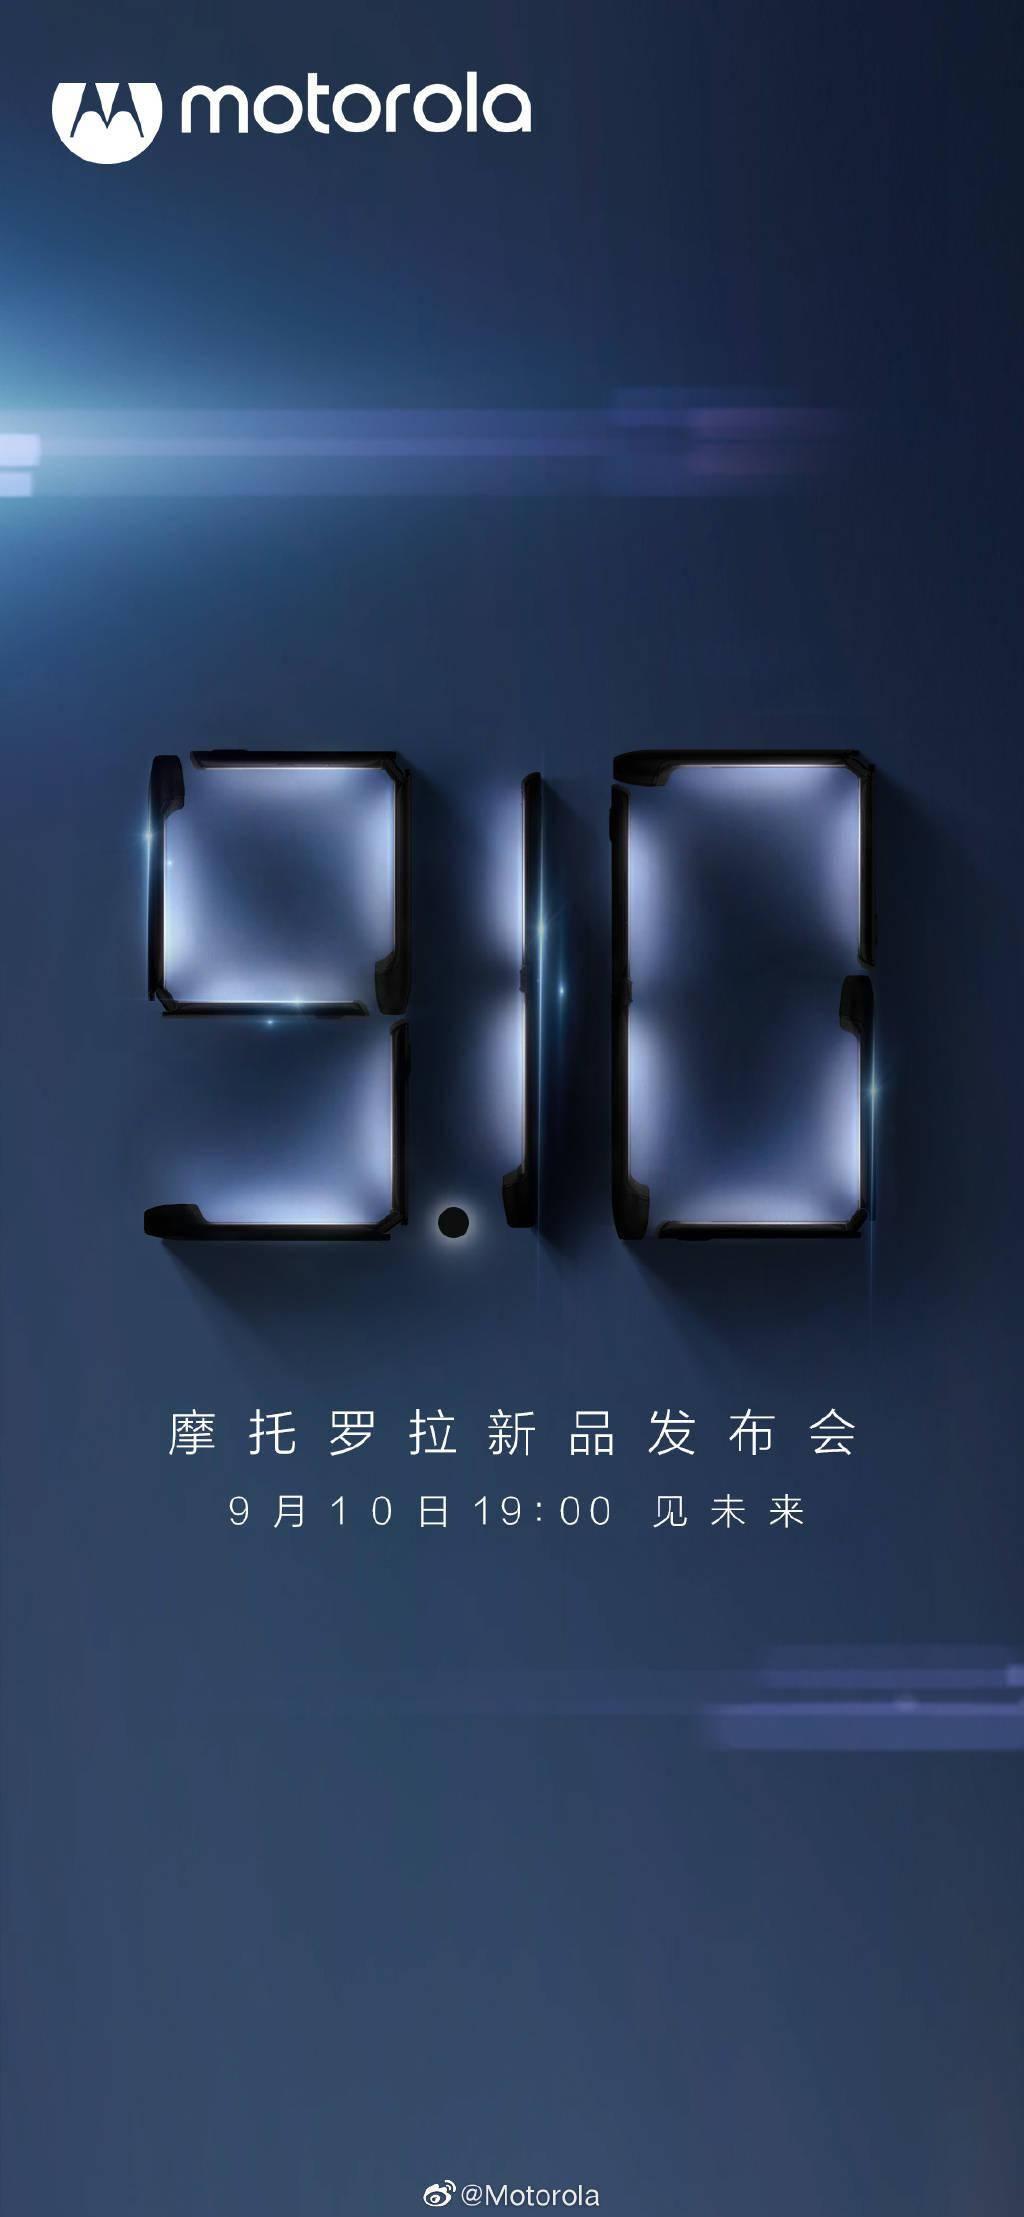 摩托罗拉9月10日晚召开发布会:新一代Razr手机将亮相